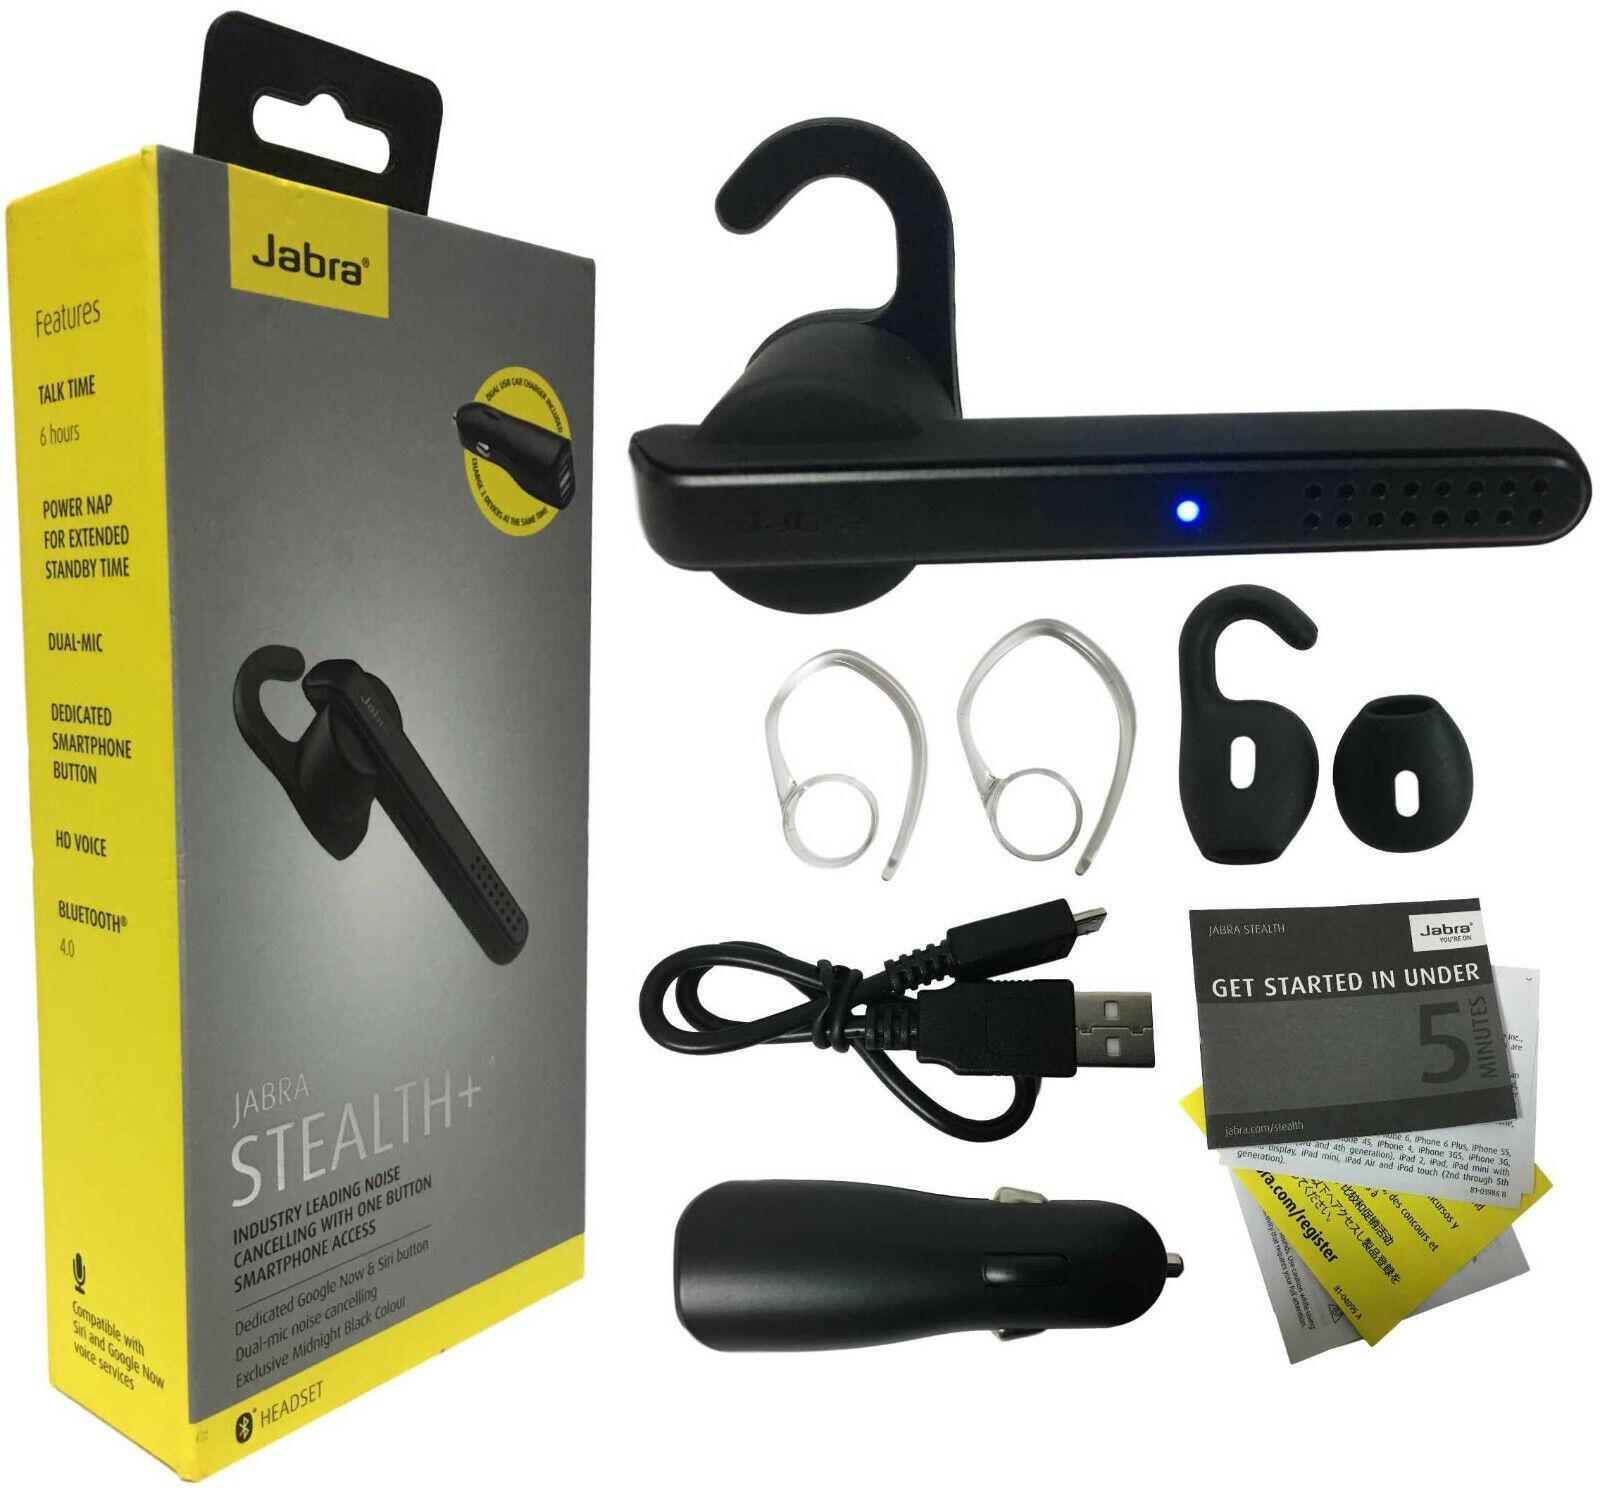 Jabra Stealth+ Plus Midnight Wireless Bluetooth Headset Voic